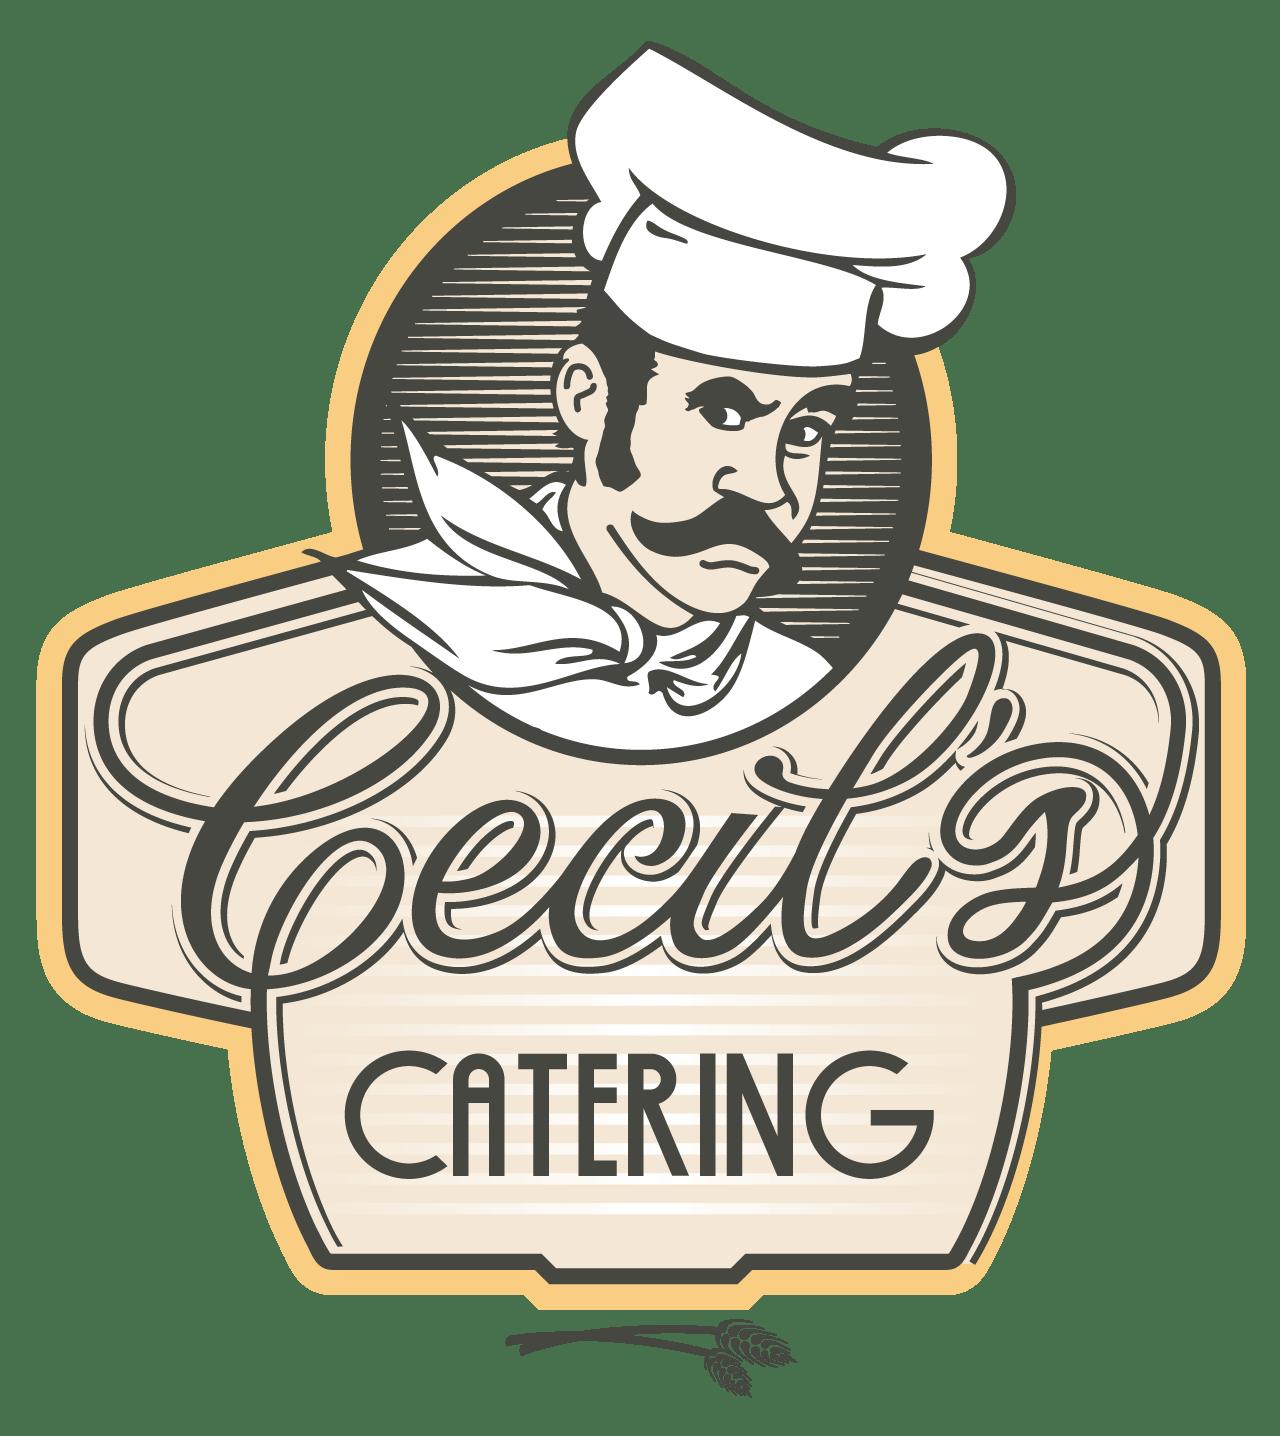 cecilscatering_logo